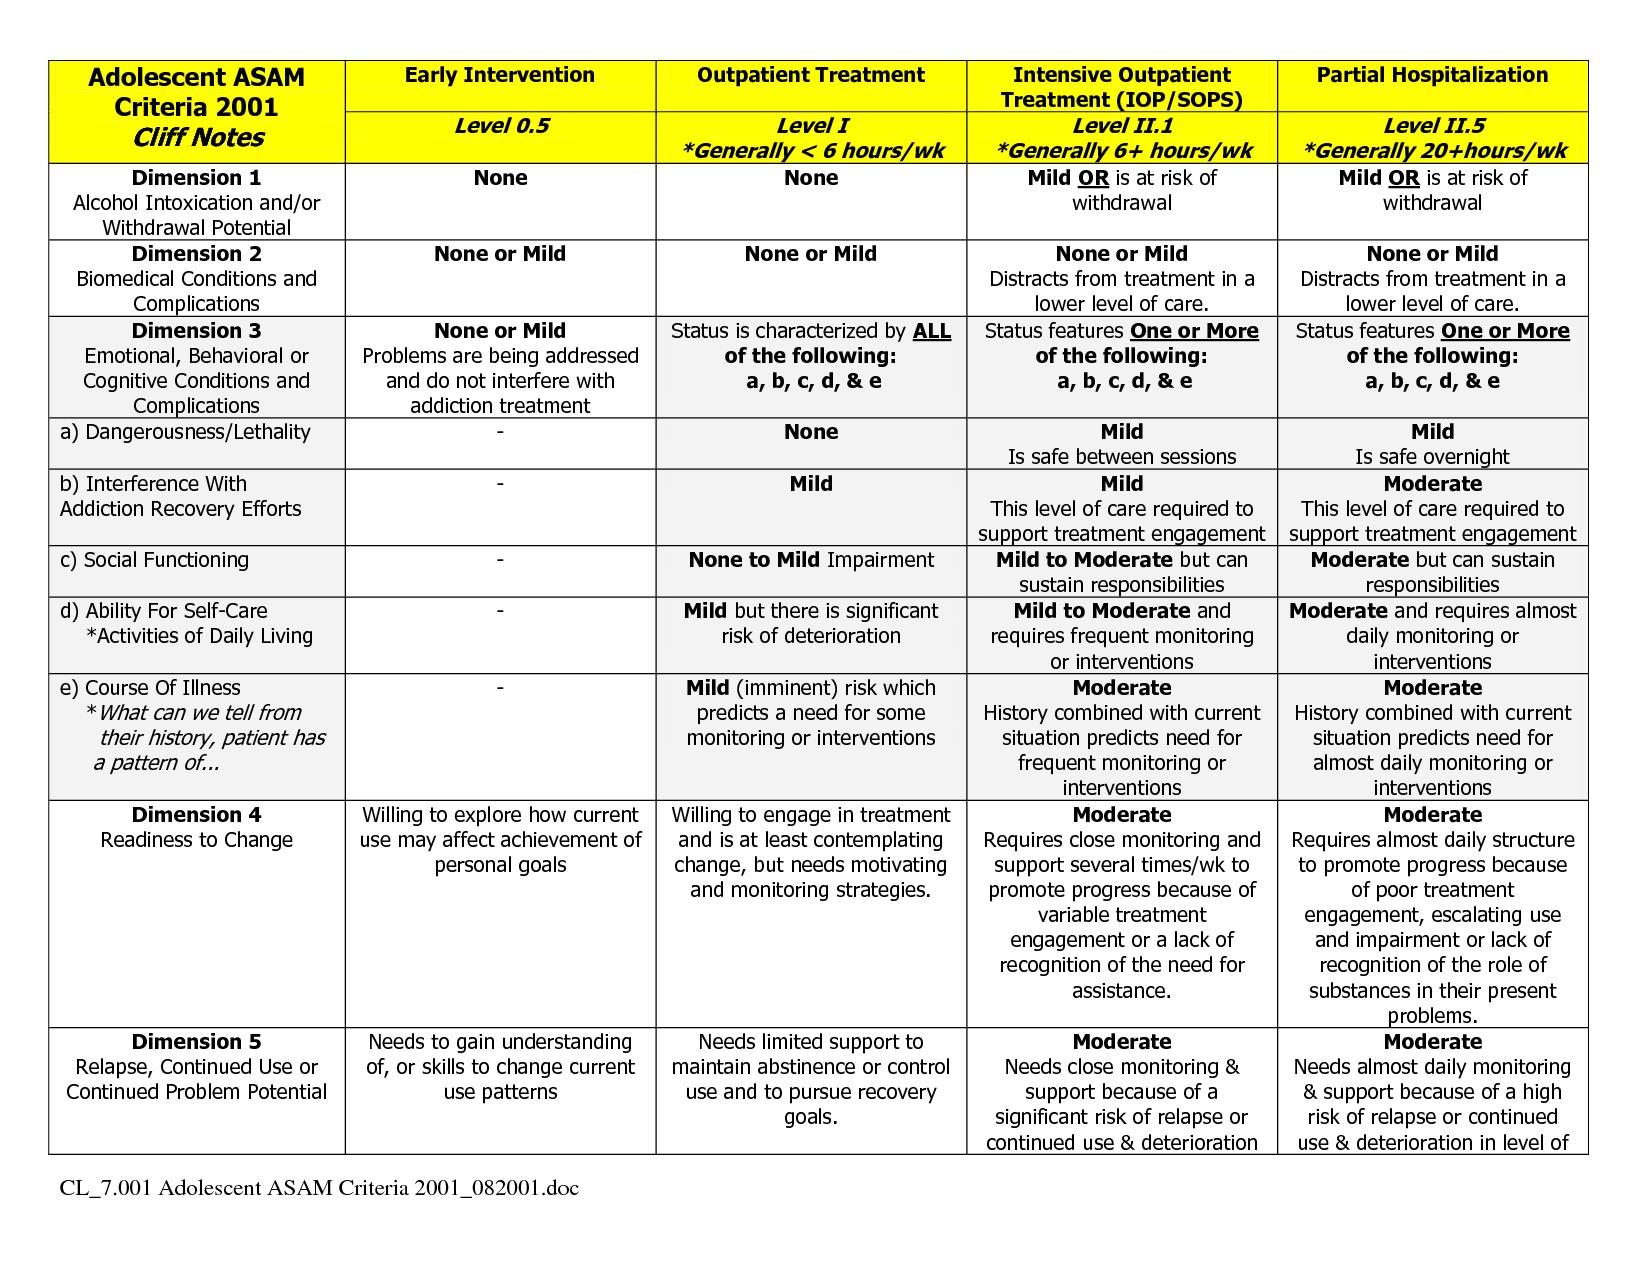 Nursing Care Management Assessment Worksheet